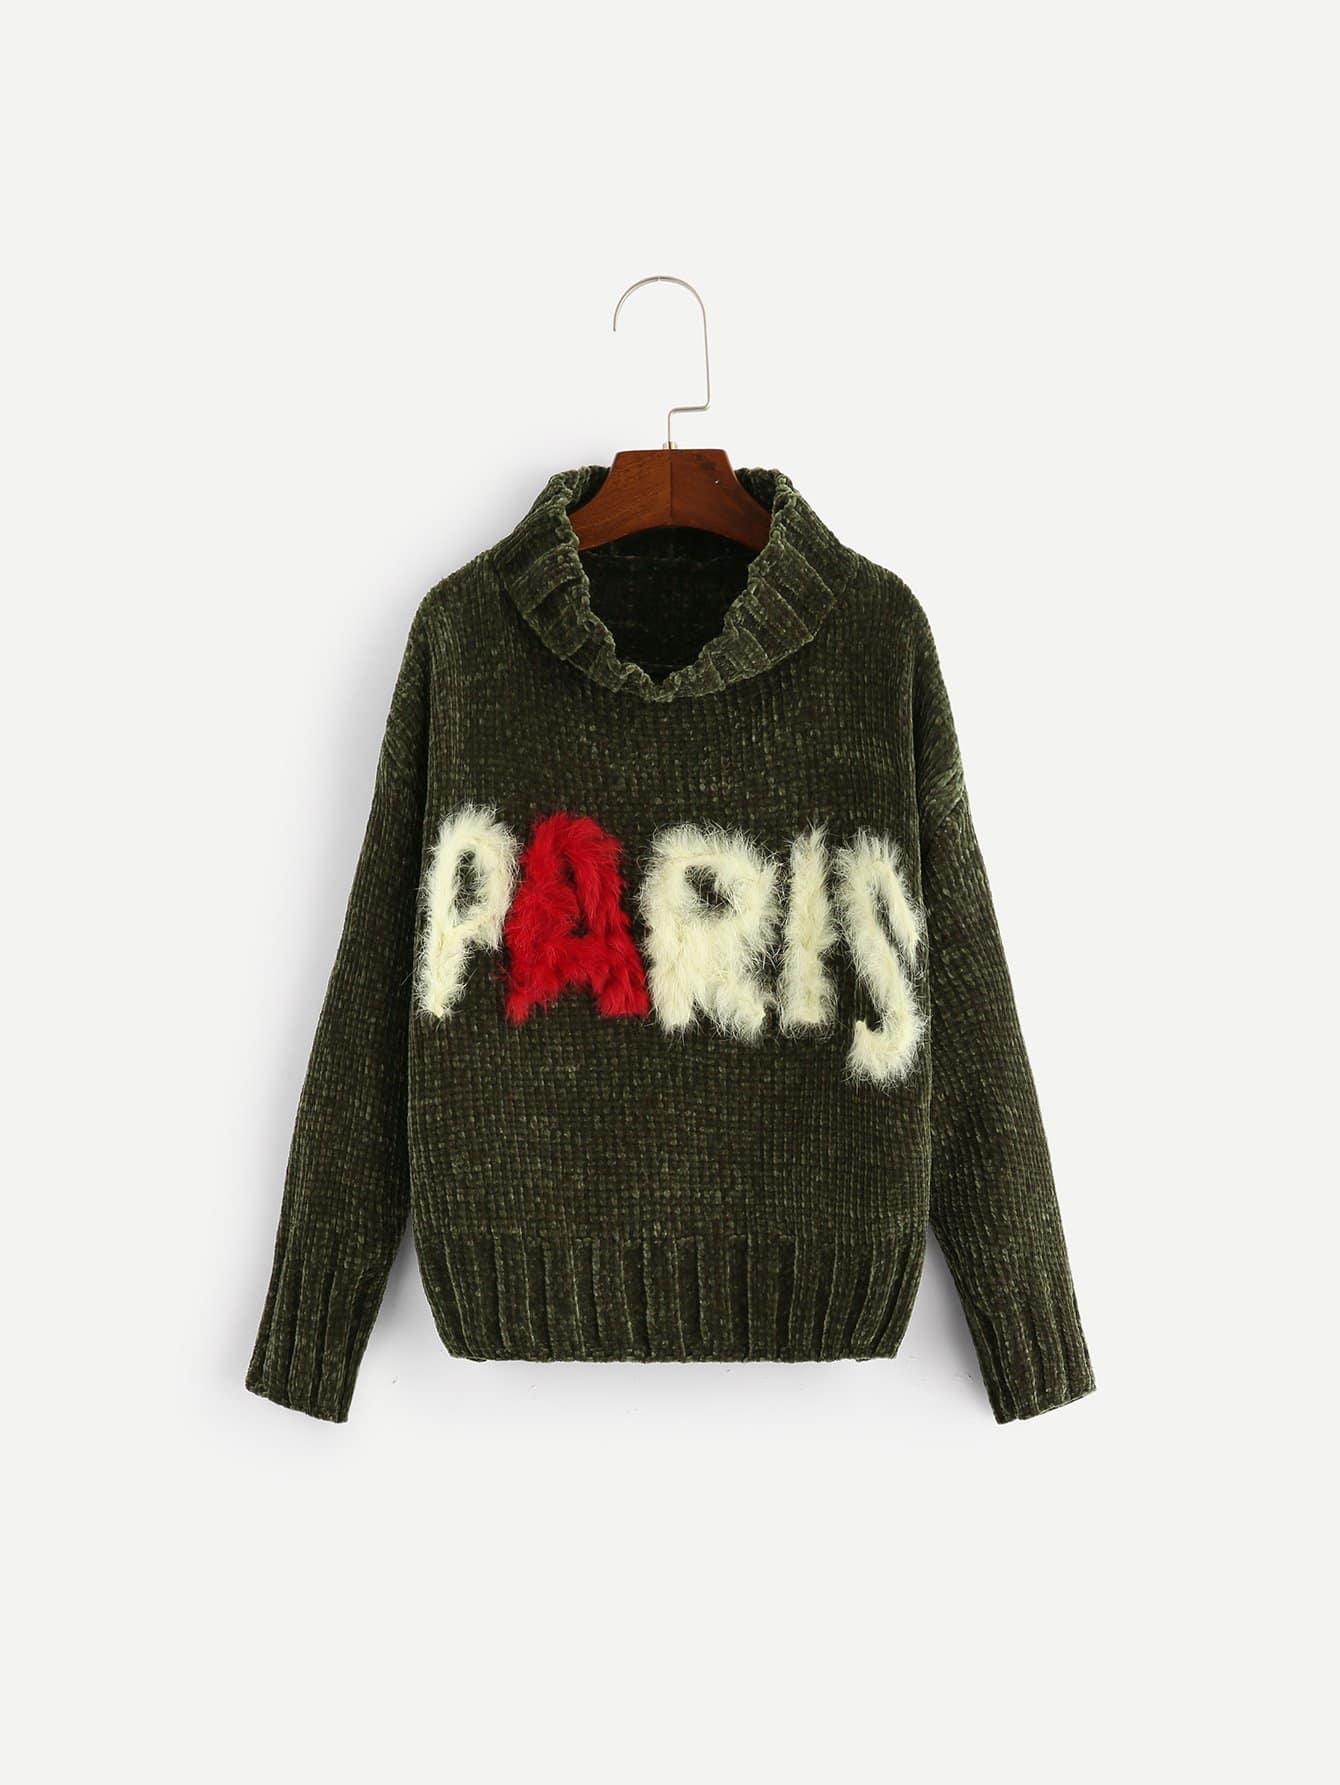 Купить Для девочек контрастный свитер с искусственным мехом, null, SheIn